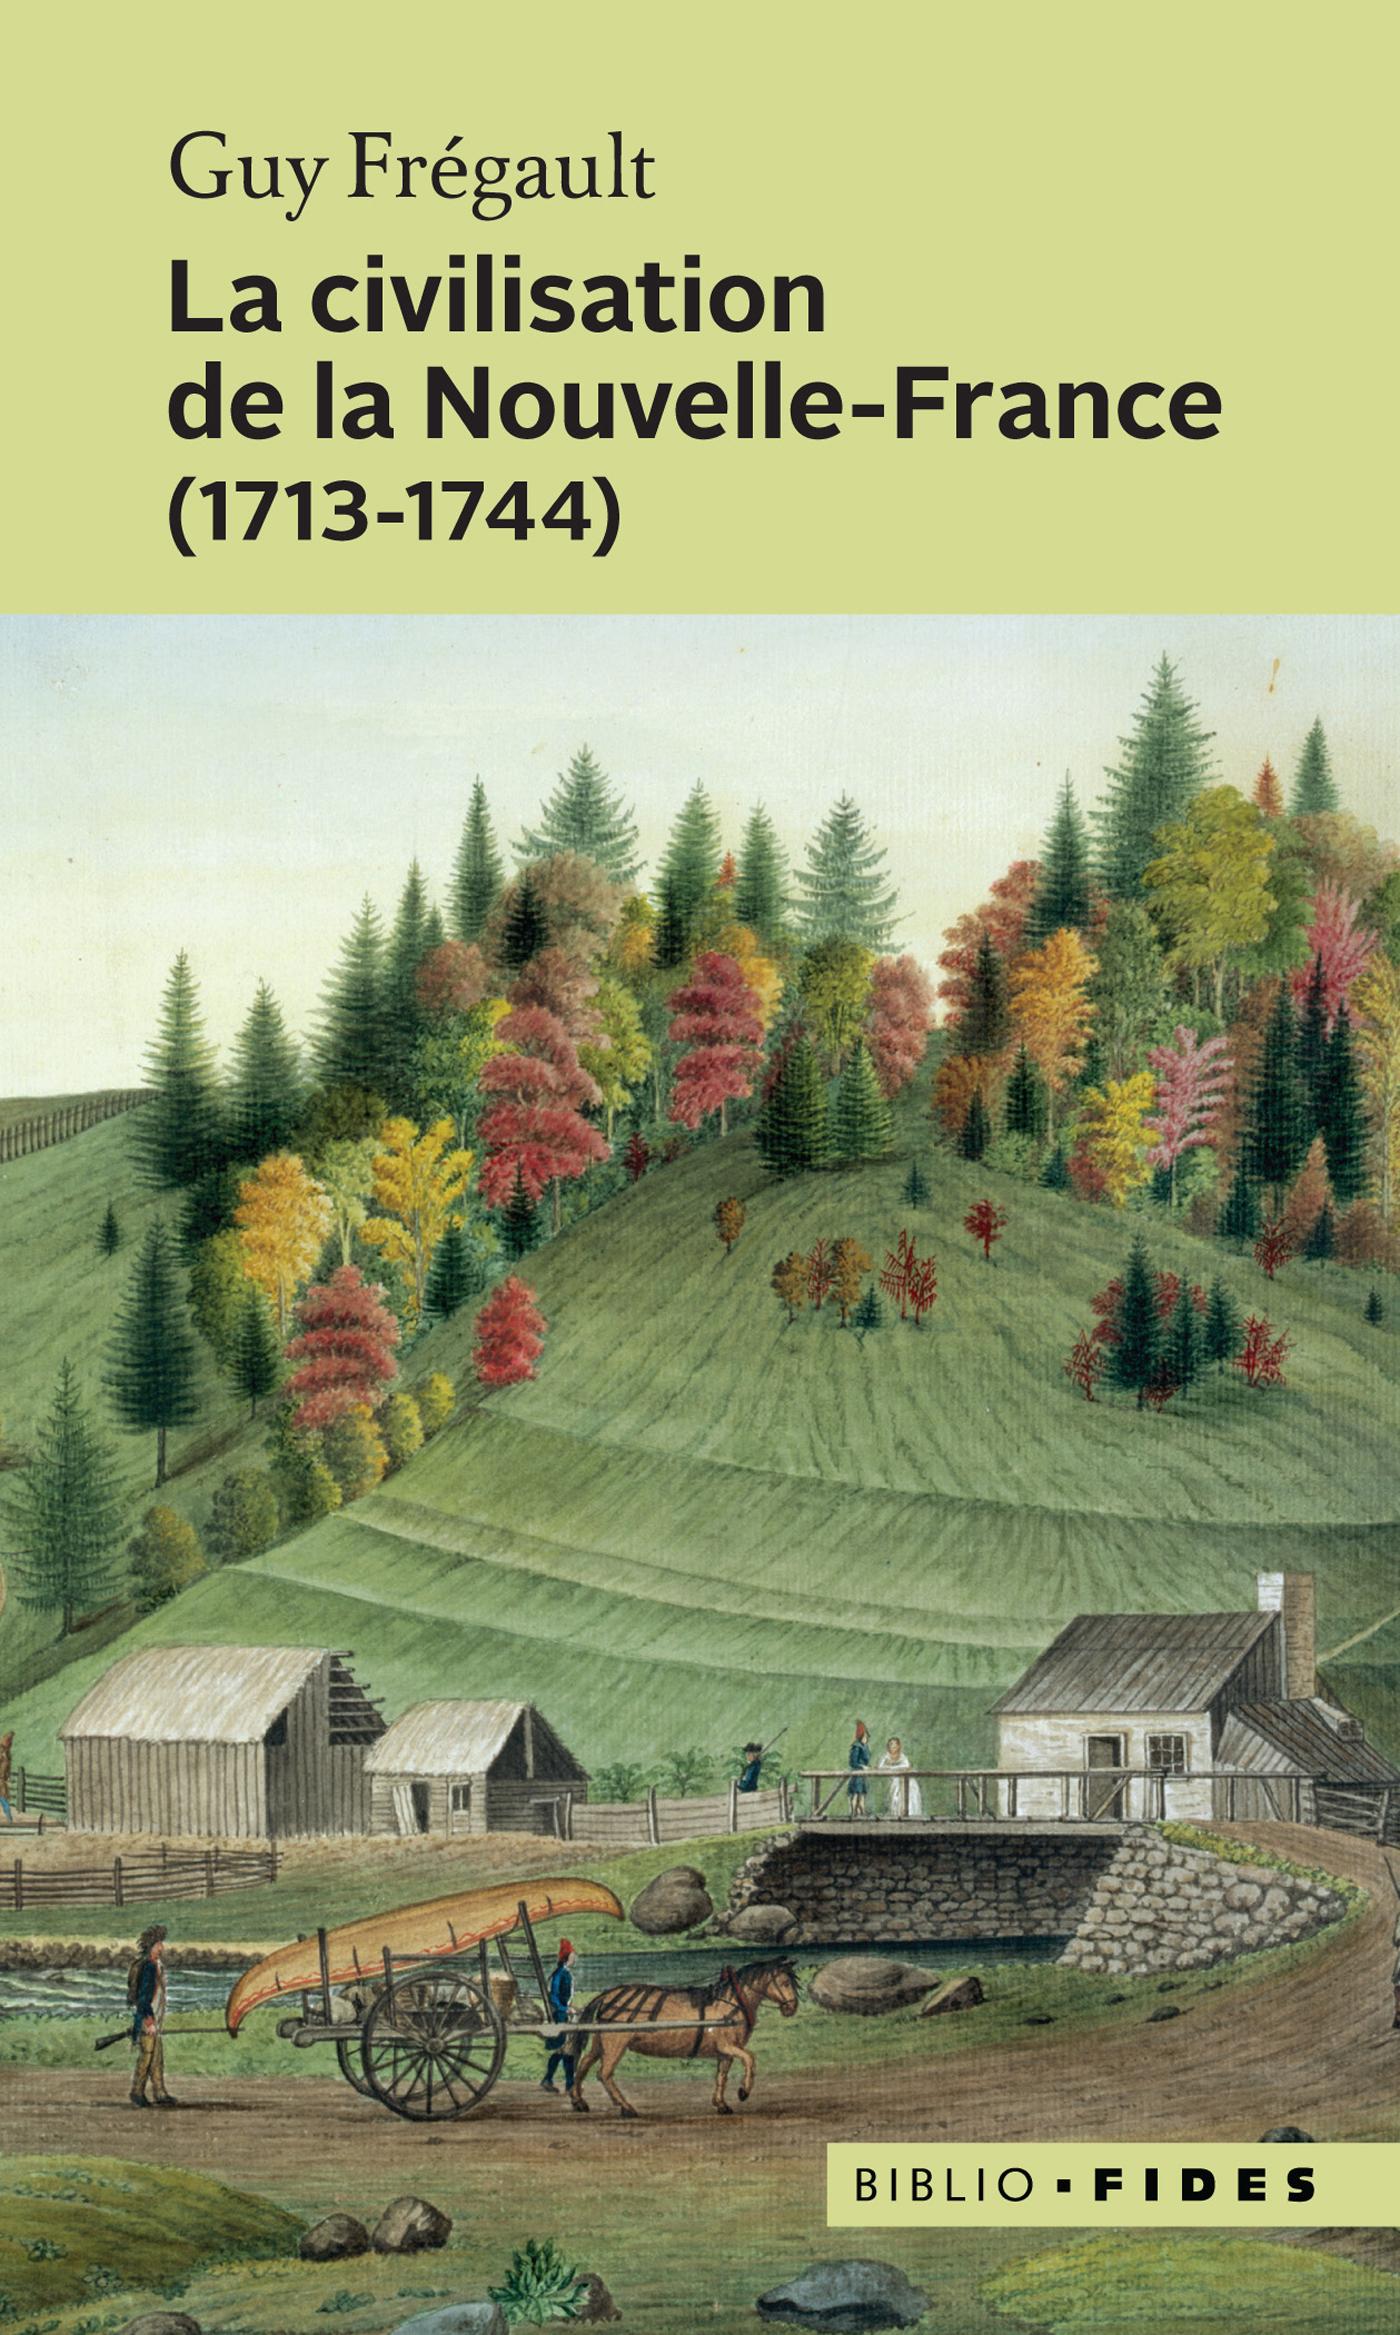 La civilisation de la Nouvelle-France, 1713-1744